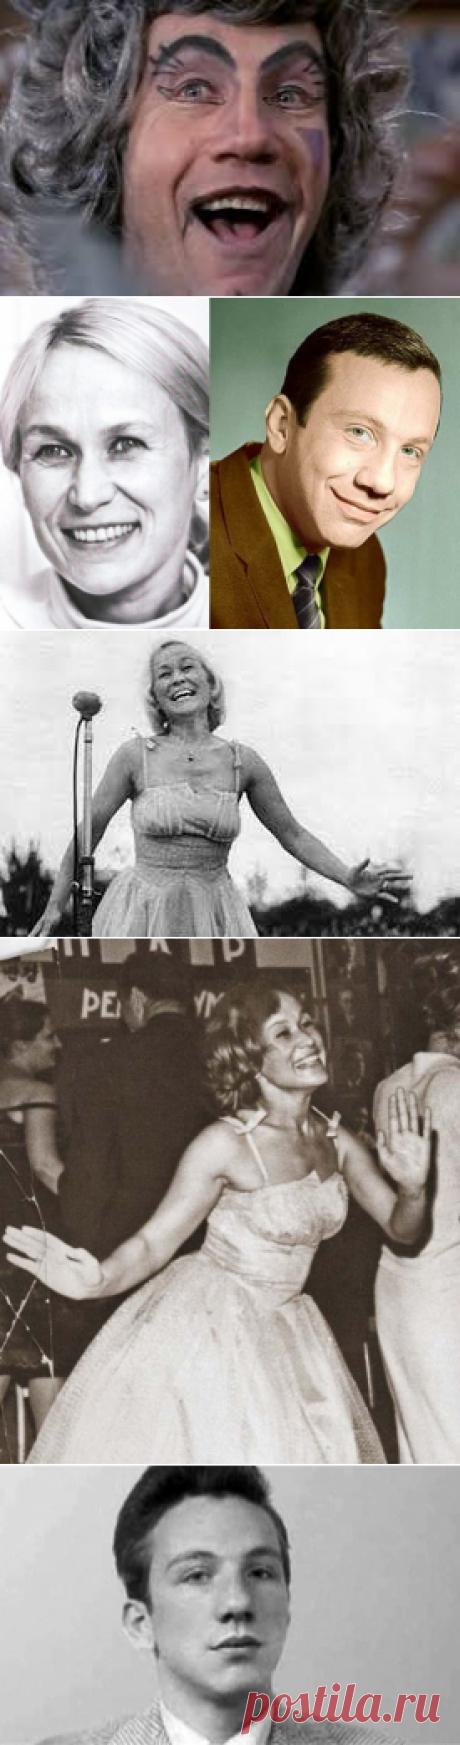 «Она была такой же красивой, как и моя мама» - роман Булгаковой и Крамарова   У всех на устах   Яндекс Дзен